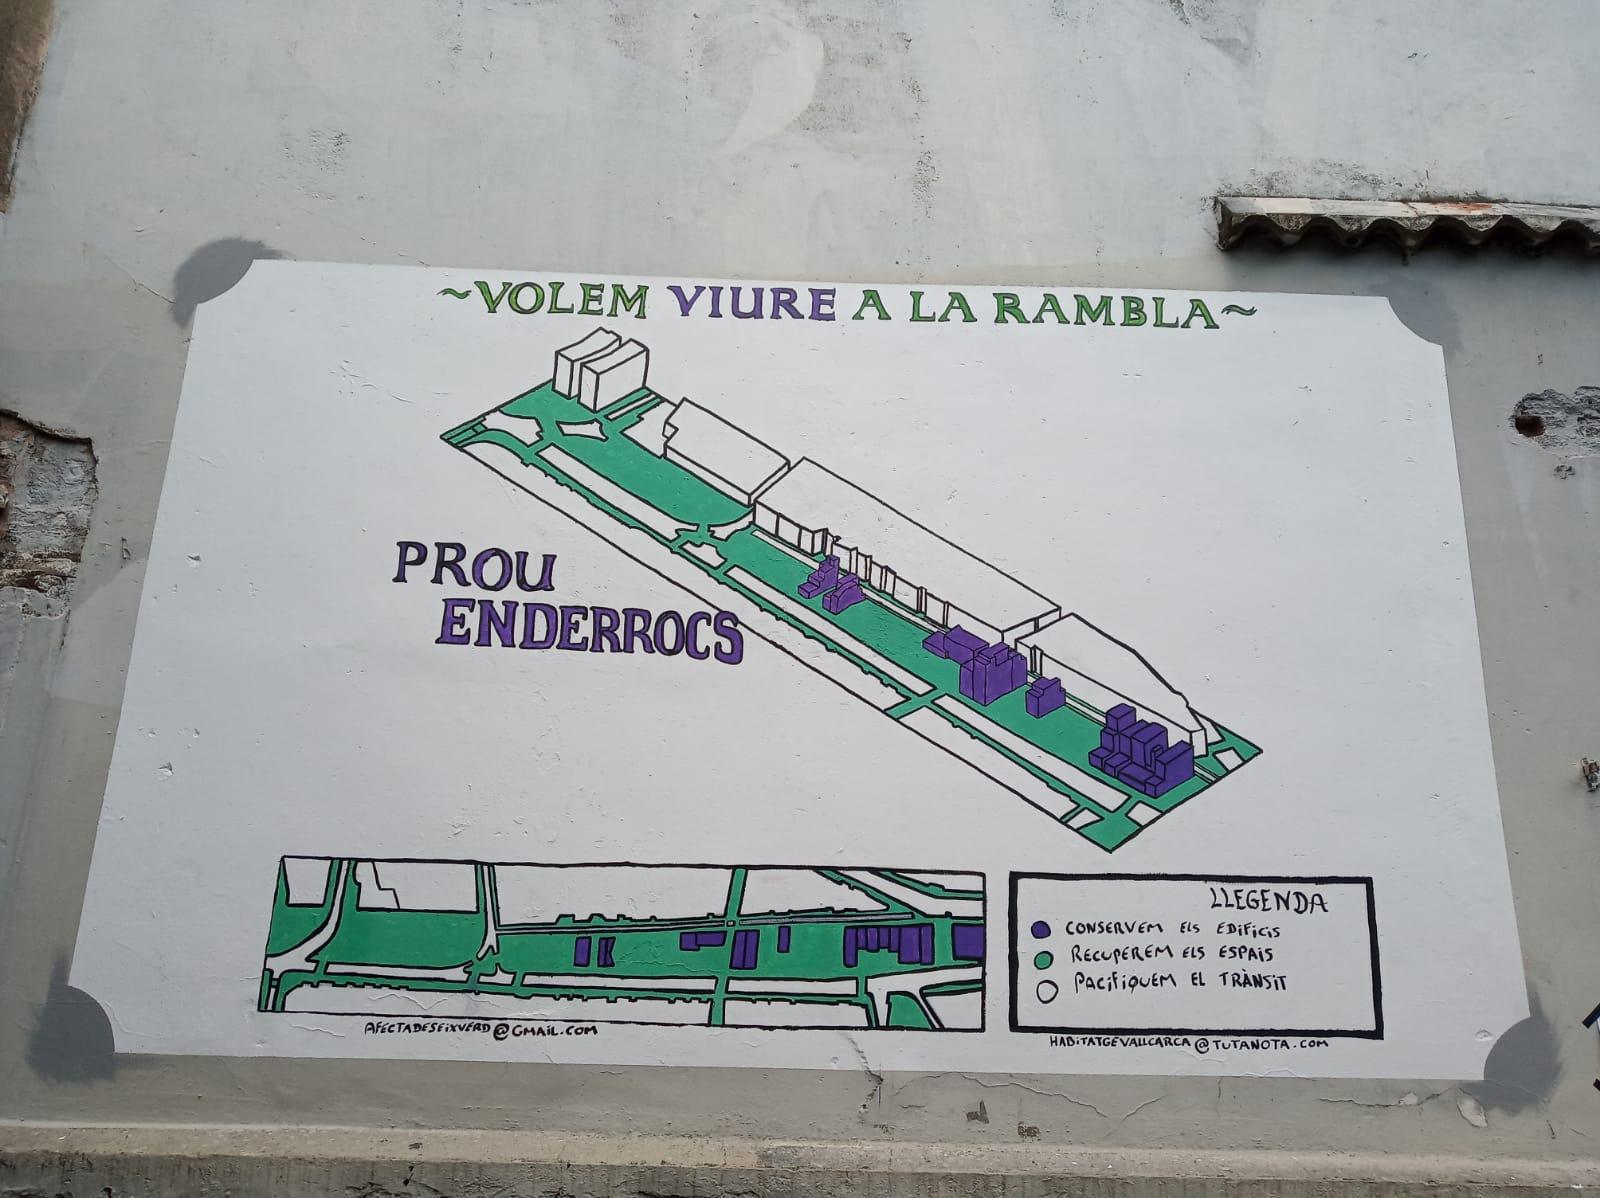 Mural hecho por los vecinos en una calle de Vallcarca